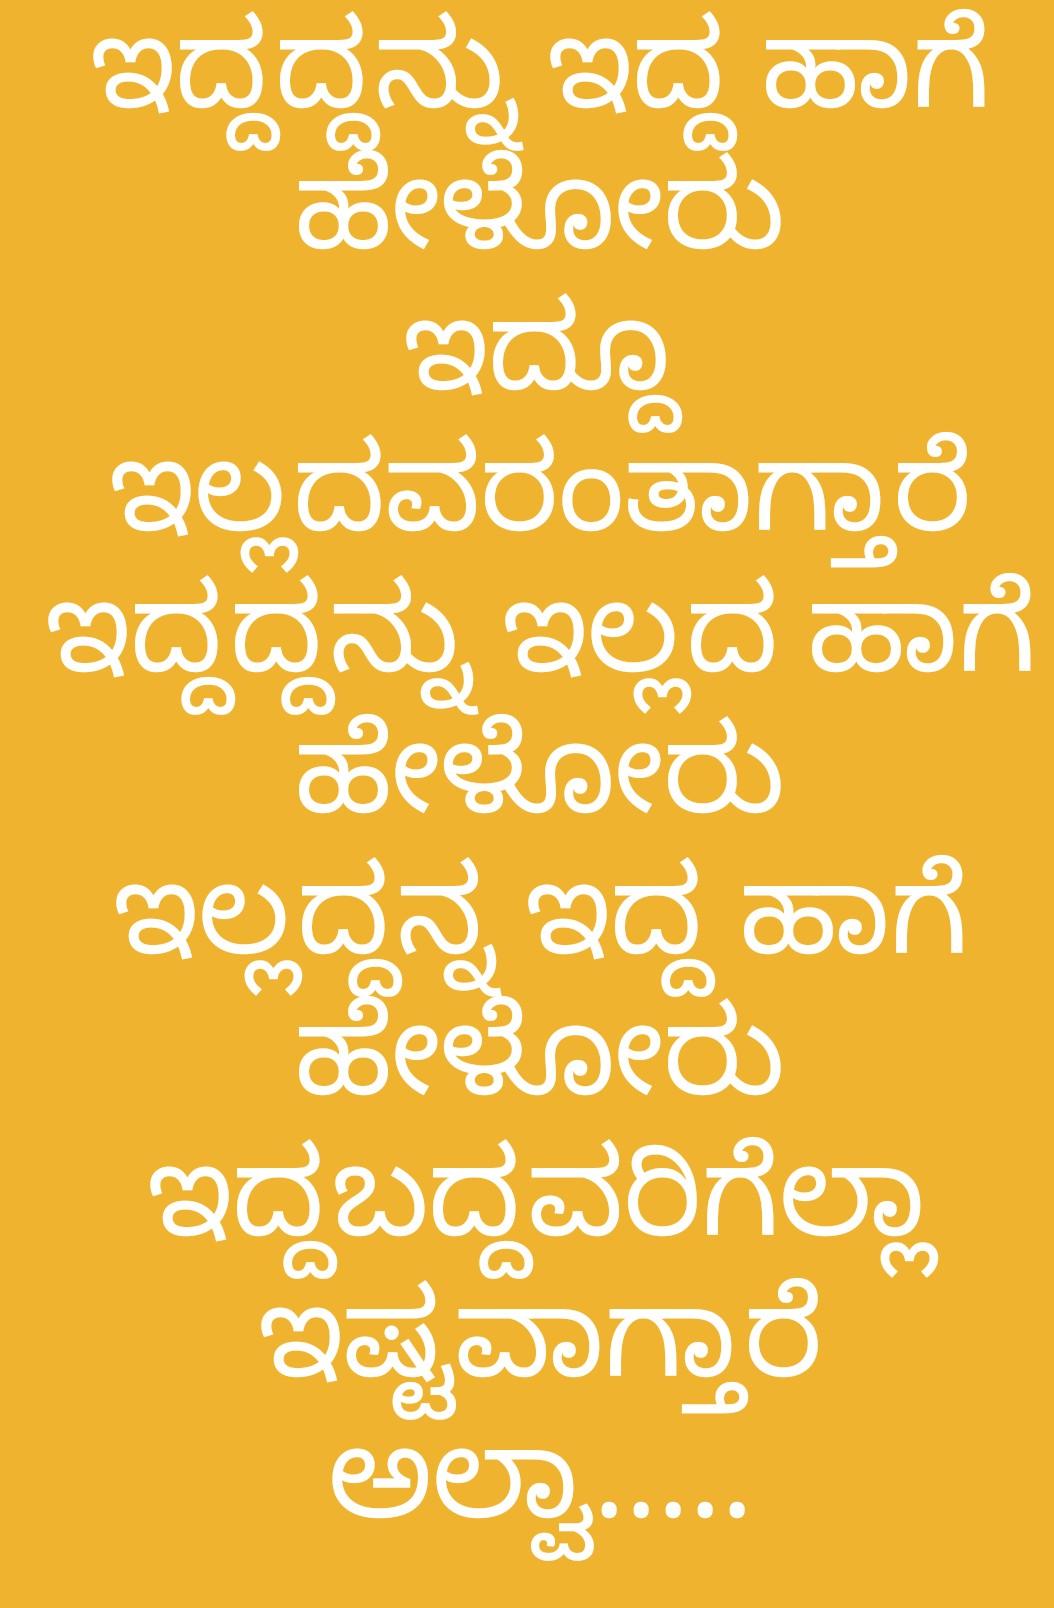 ನಮ್ಮ ಸಂಪ್ರದಾಯ - ShareChat